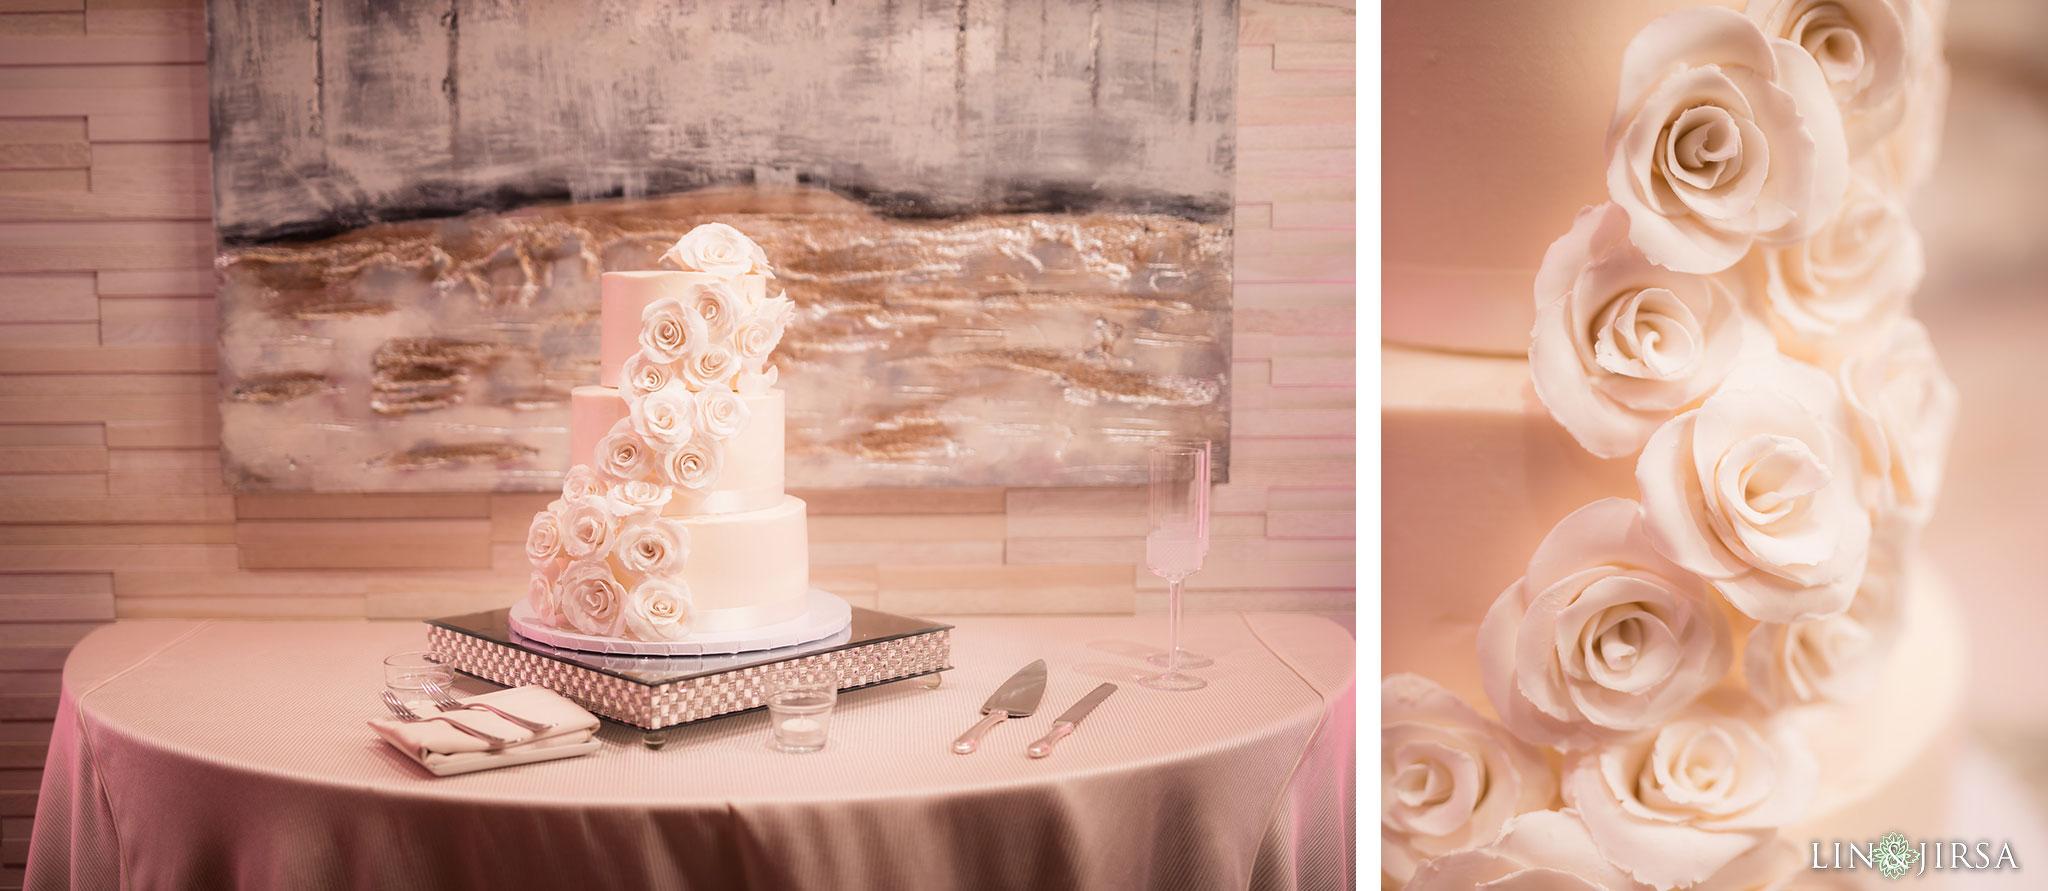 044 estancia la jolla hotel spa persian wedding reception photography